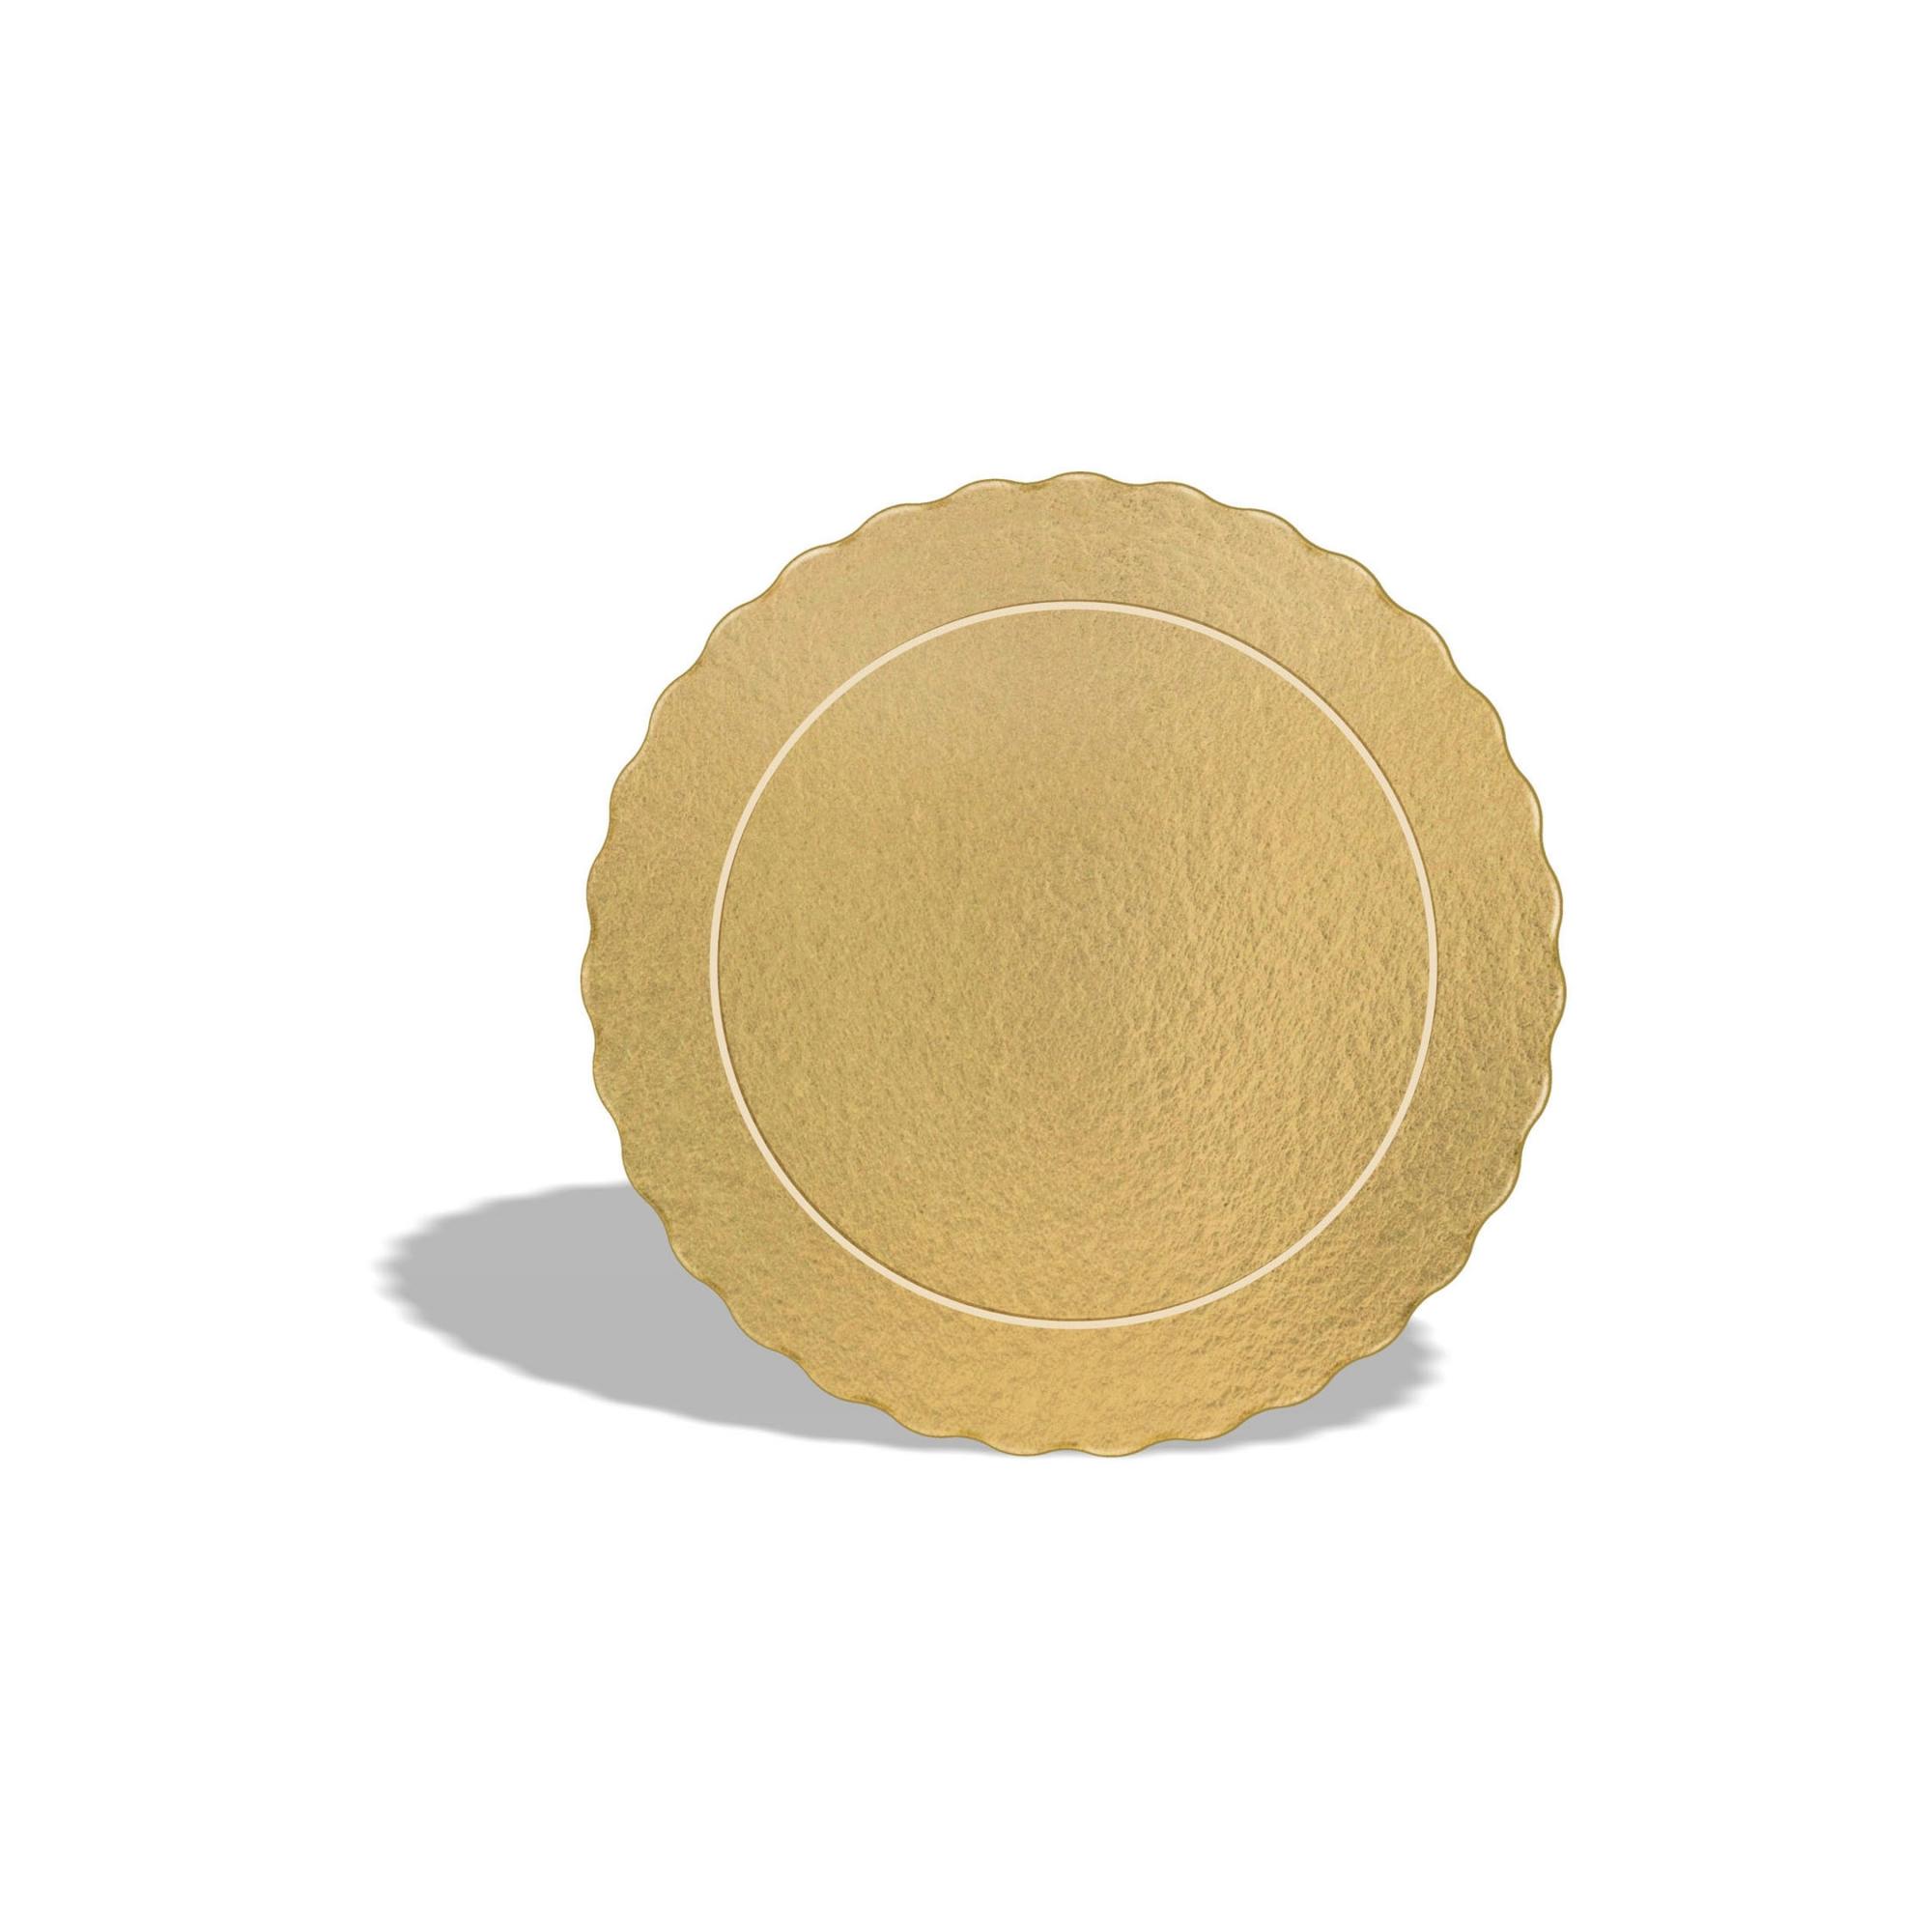 Kit 100 Bases Laminadas Para Bolo, Cake Board, 15 e 20cm - Ouro